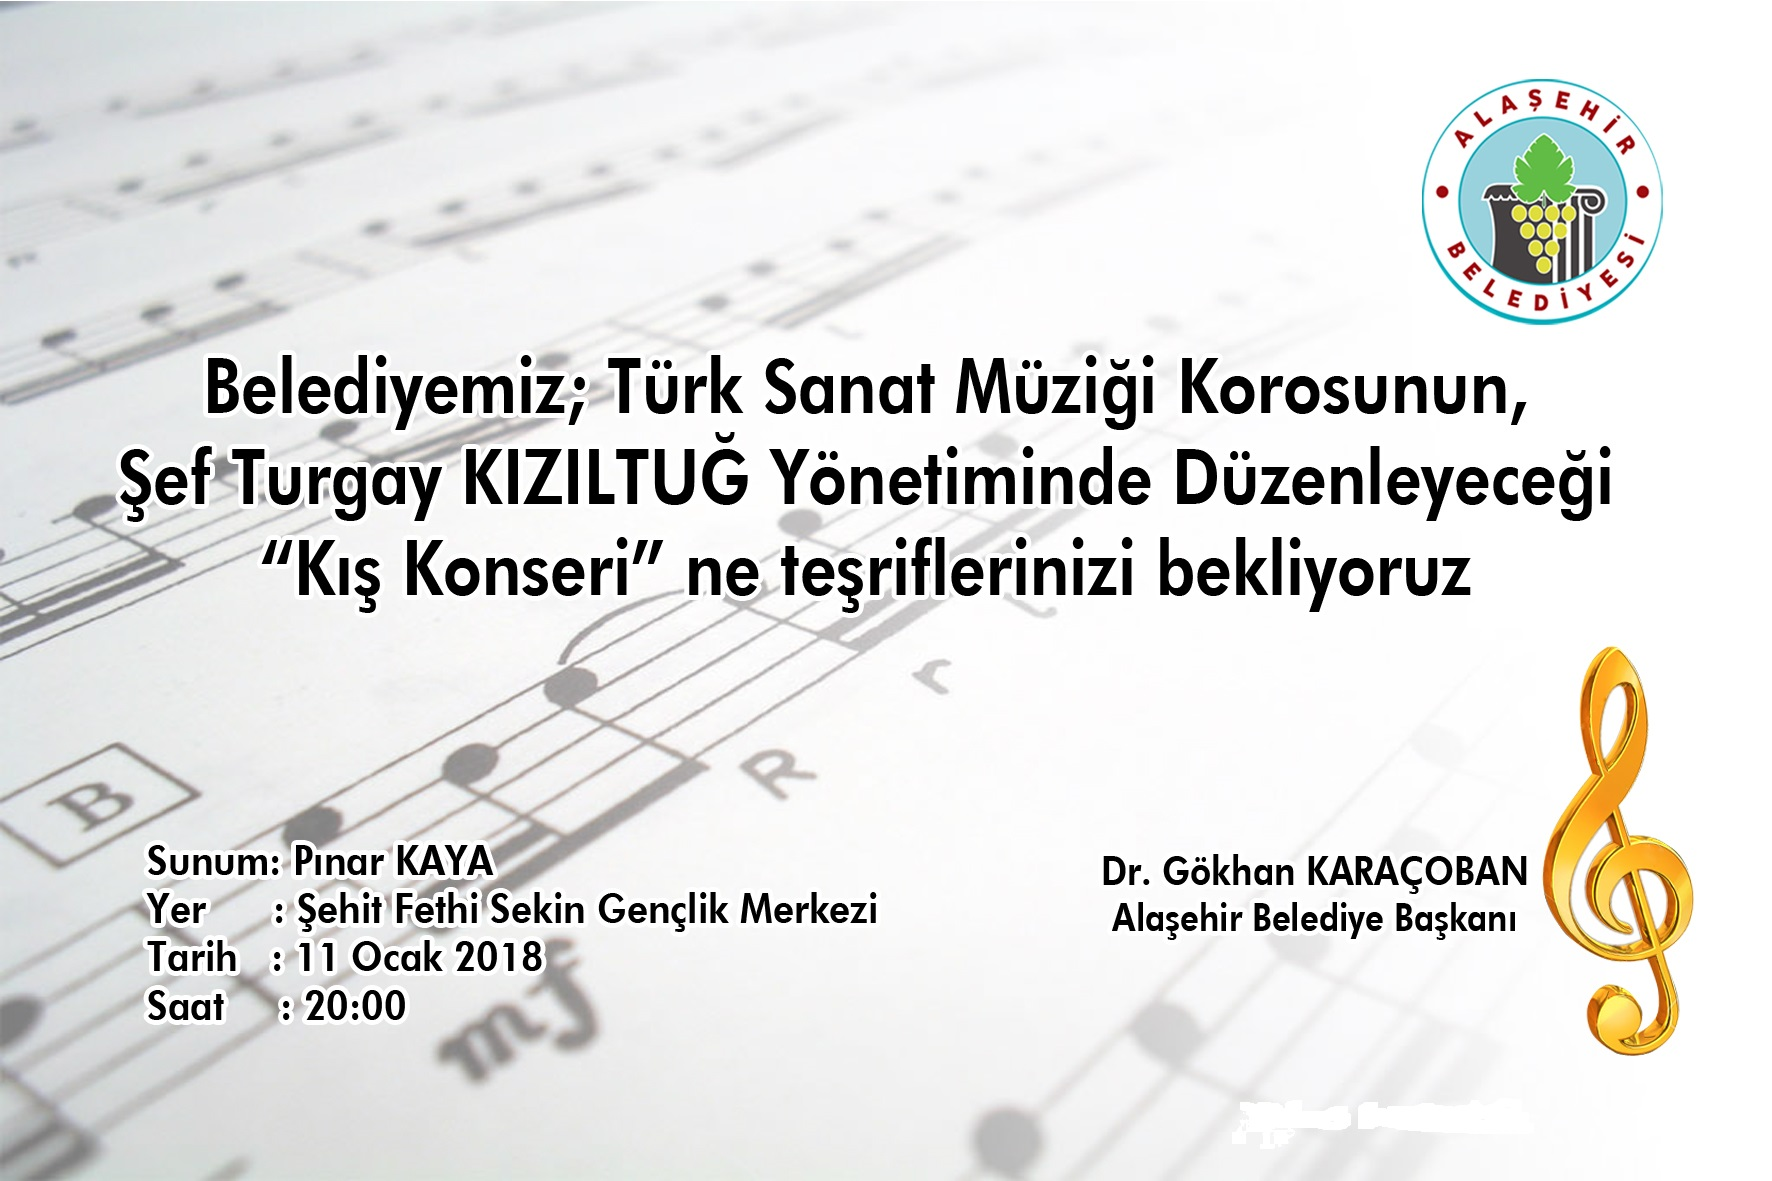 Alaşehir Belediyesi Türk Sanat Müziği Konseri